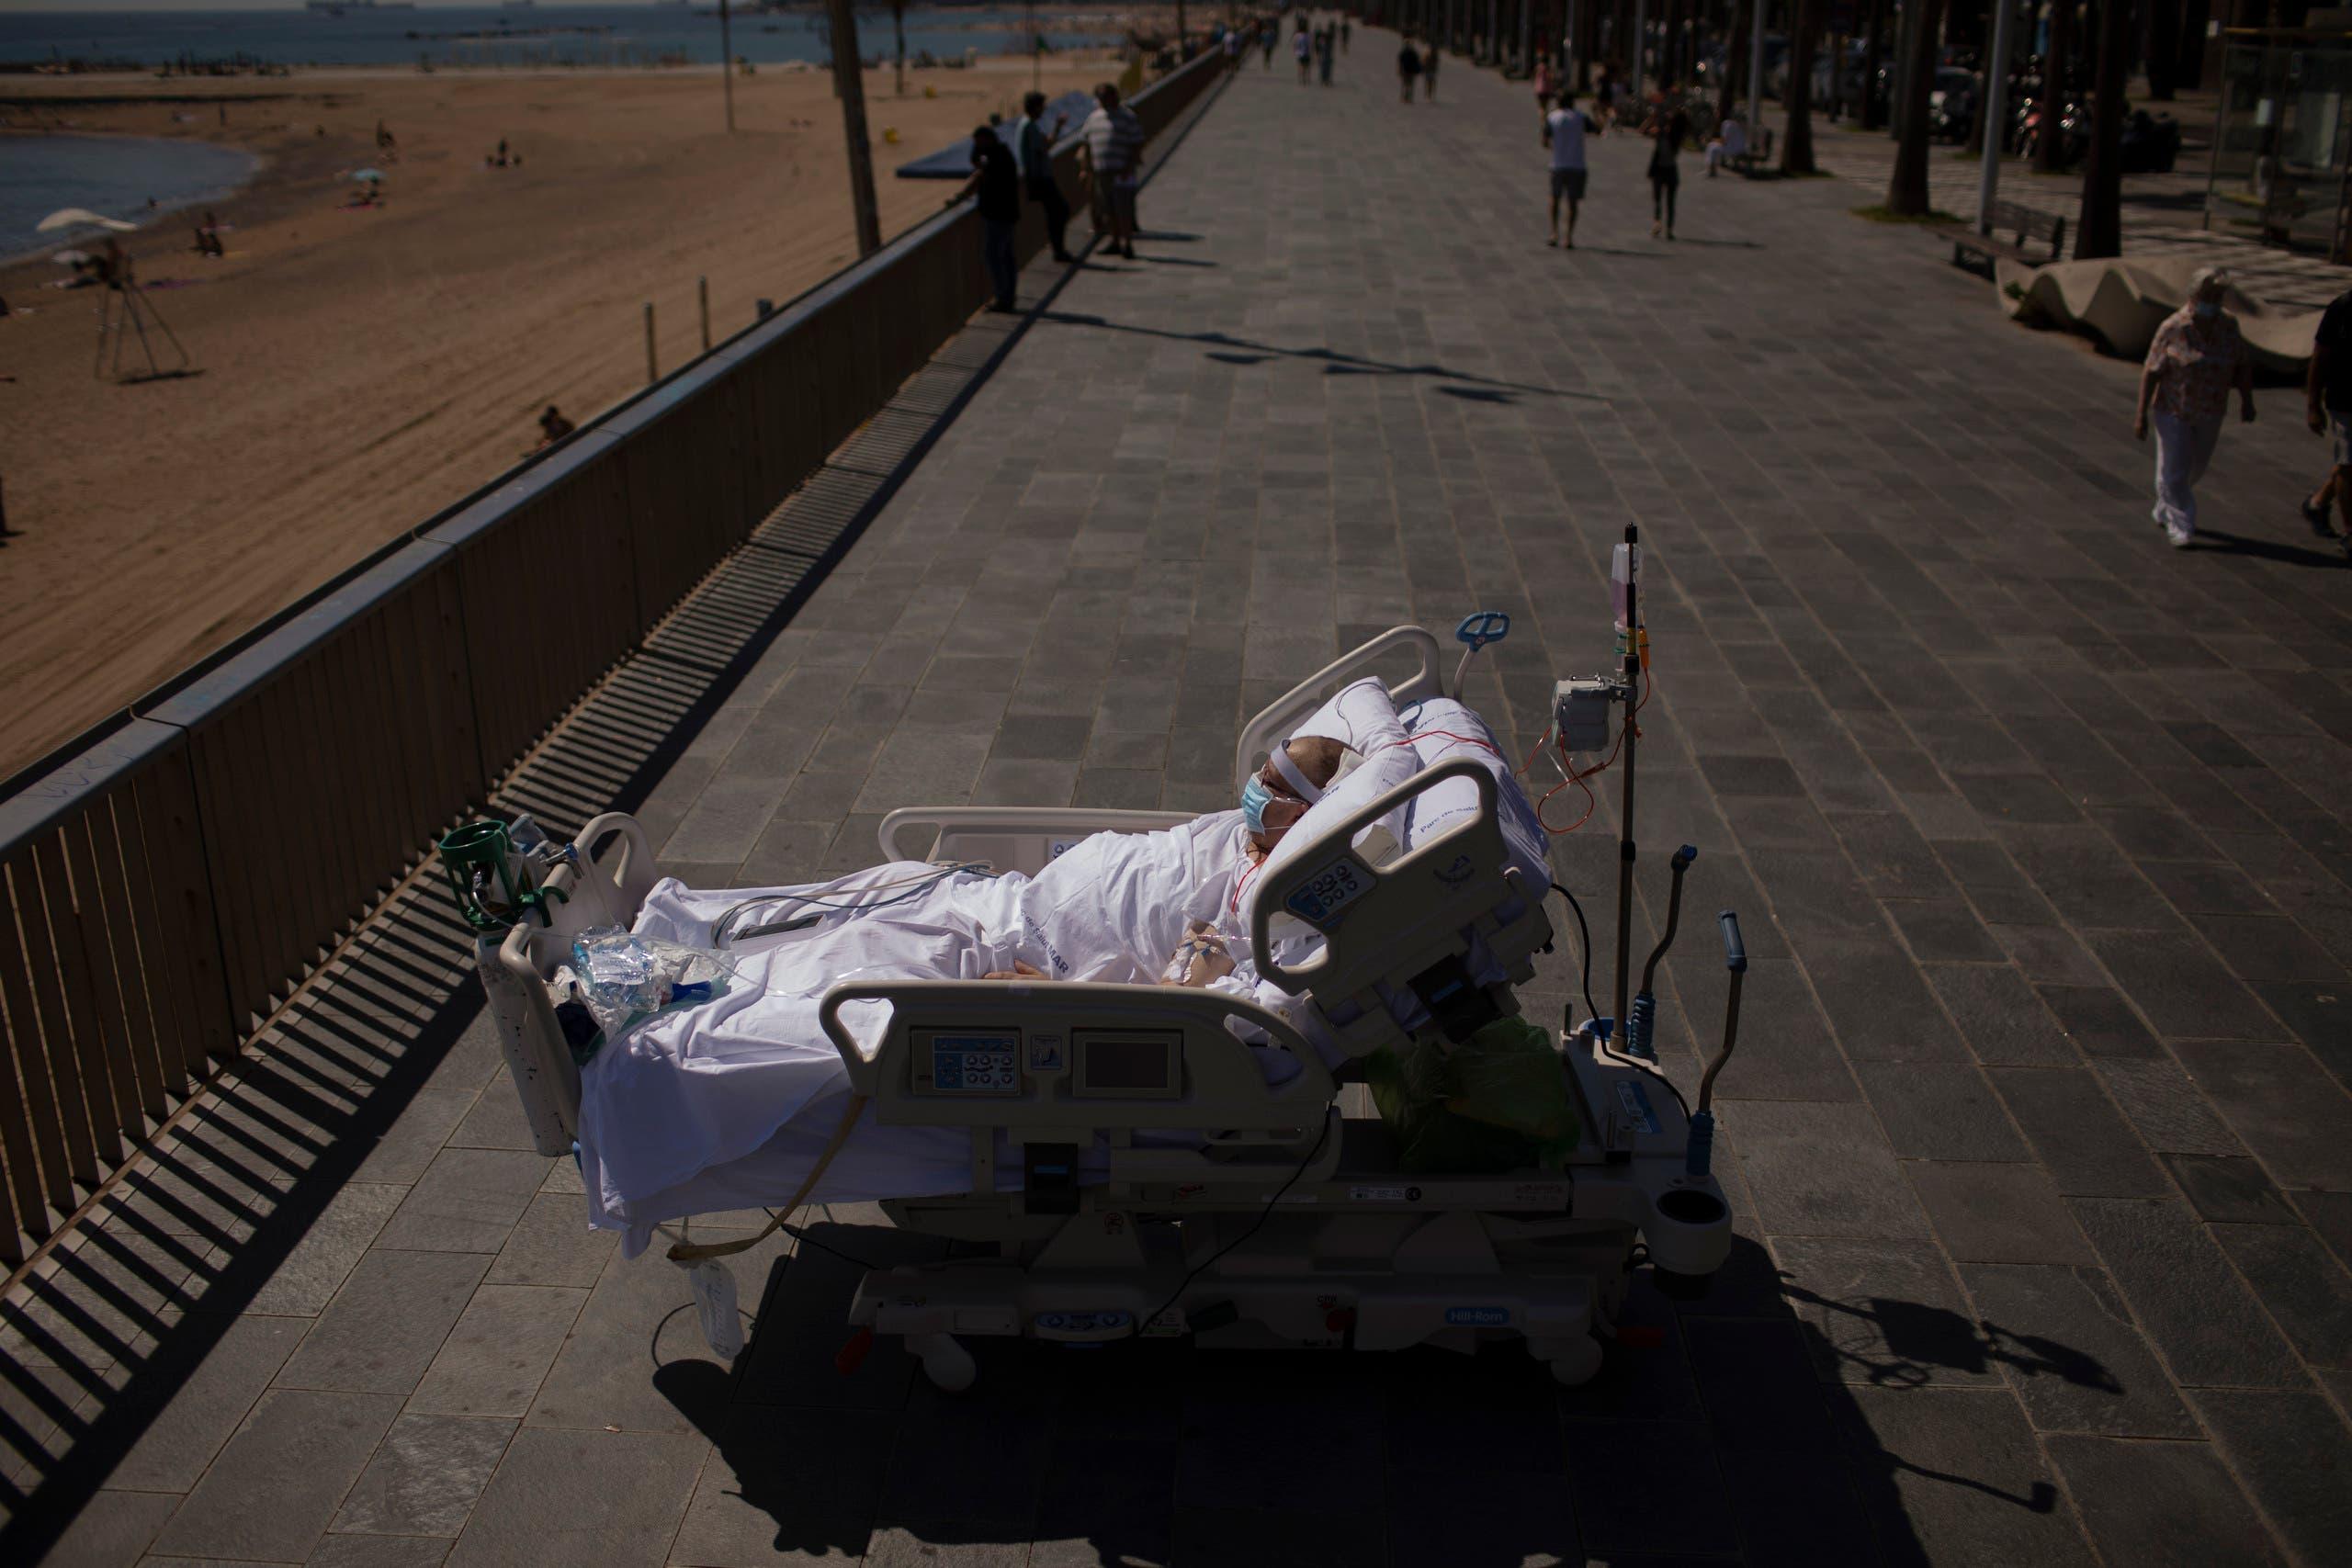 الشاطئ ومرضى كورونا في إسبانيا (أسوشييتد برس)